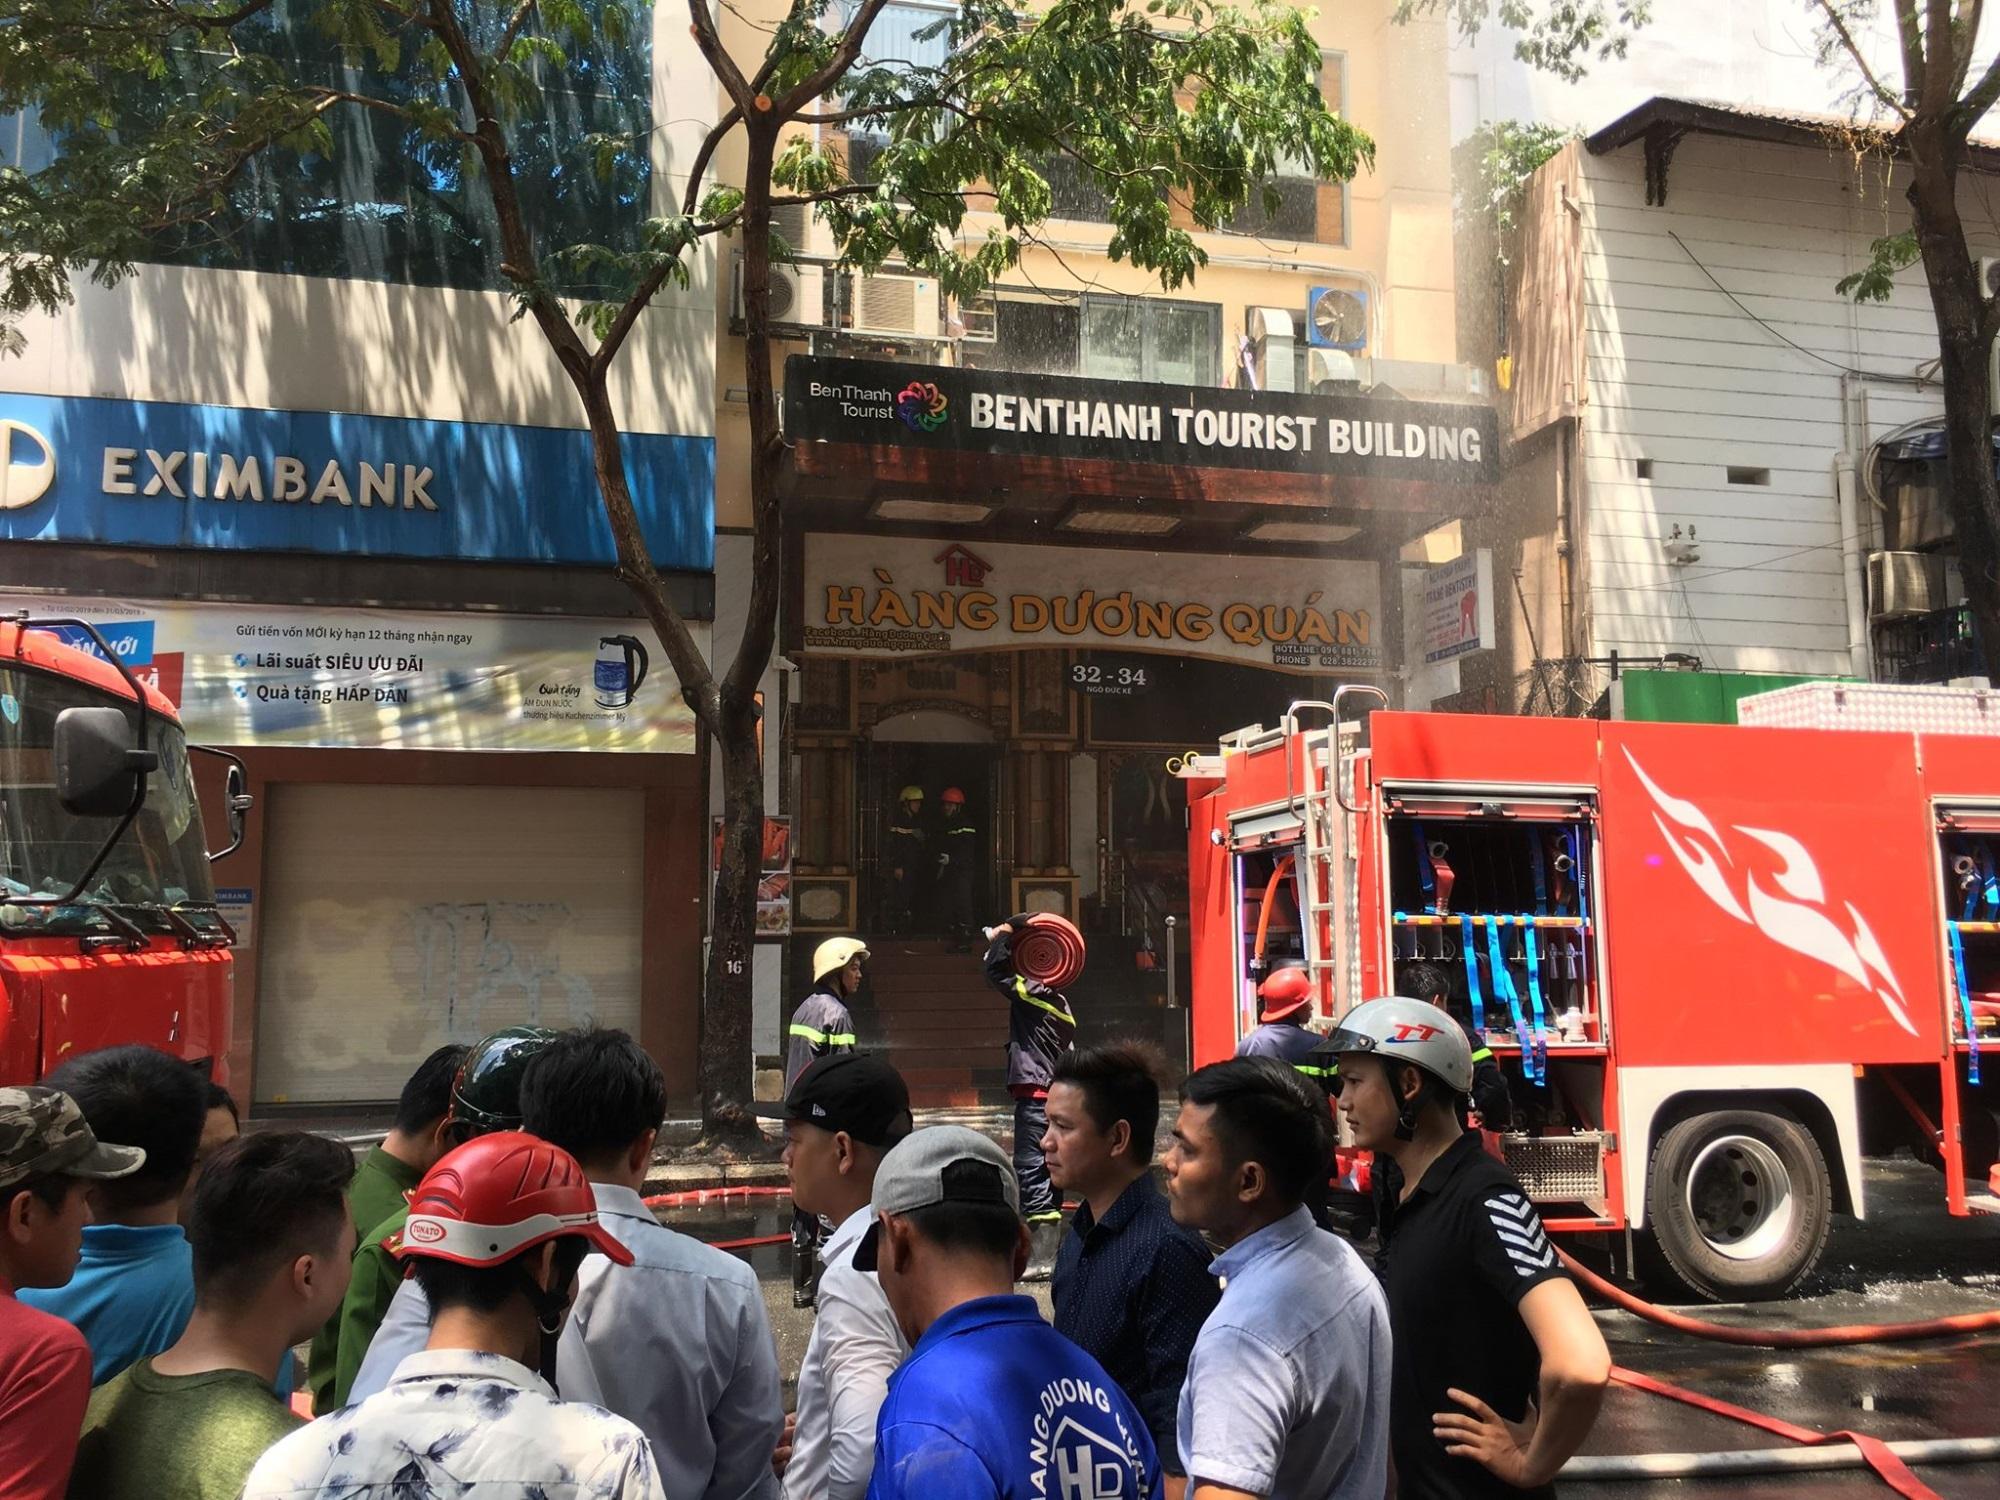 Cháy lớn ở nhà hàng gần phố đi bộ Nguyễn Huệ, nhiều người hoảng loạn tháo chạy - Ảnh 1